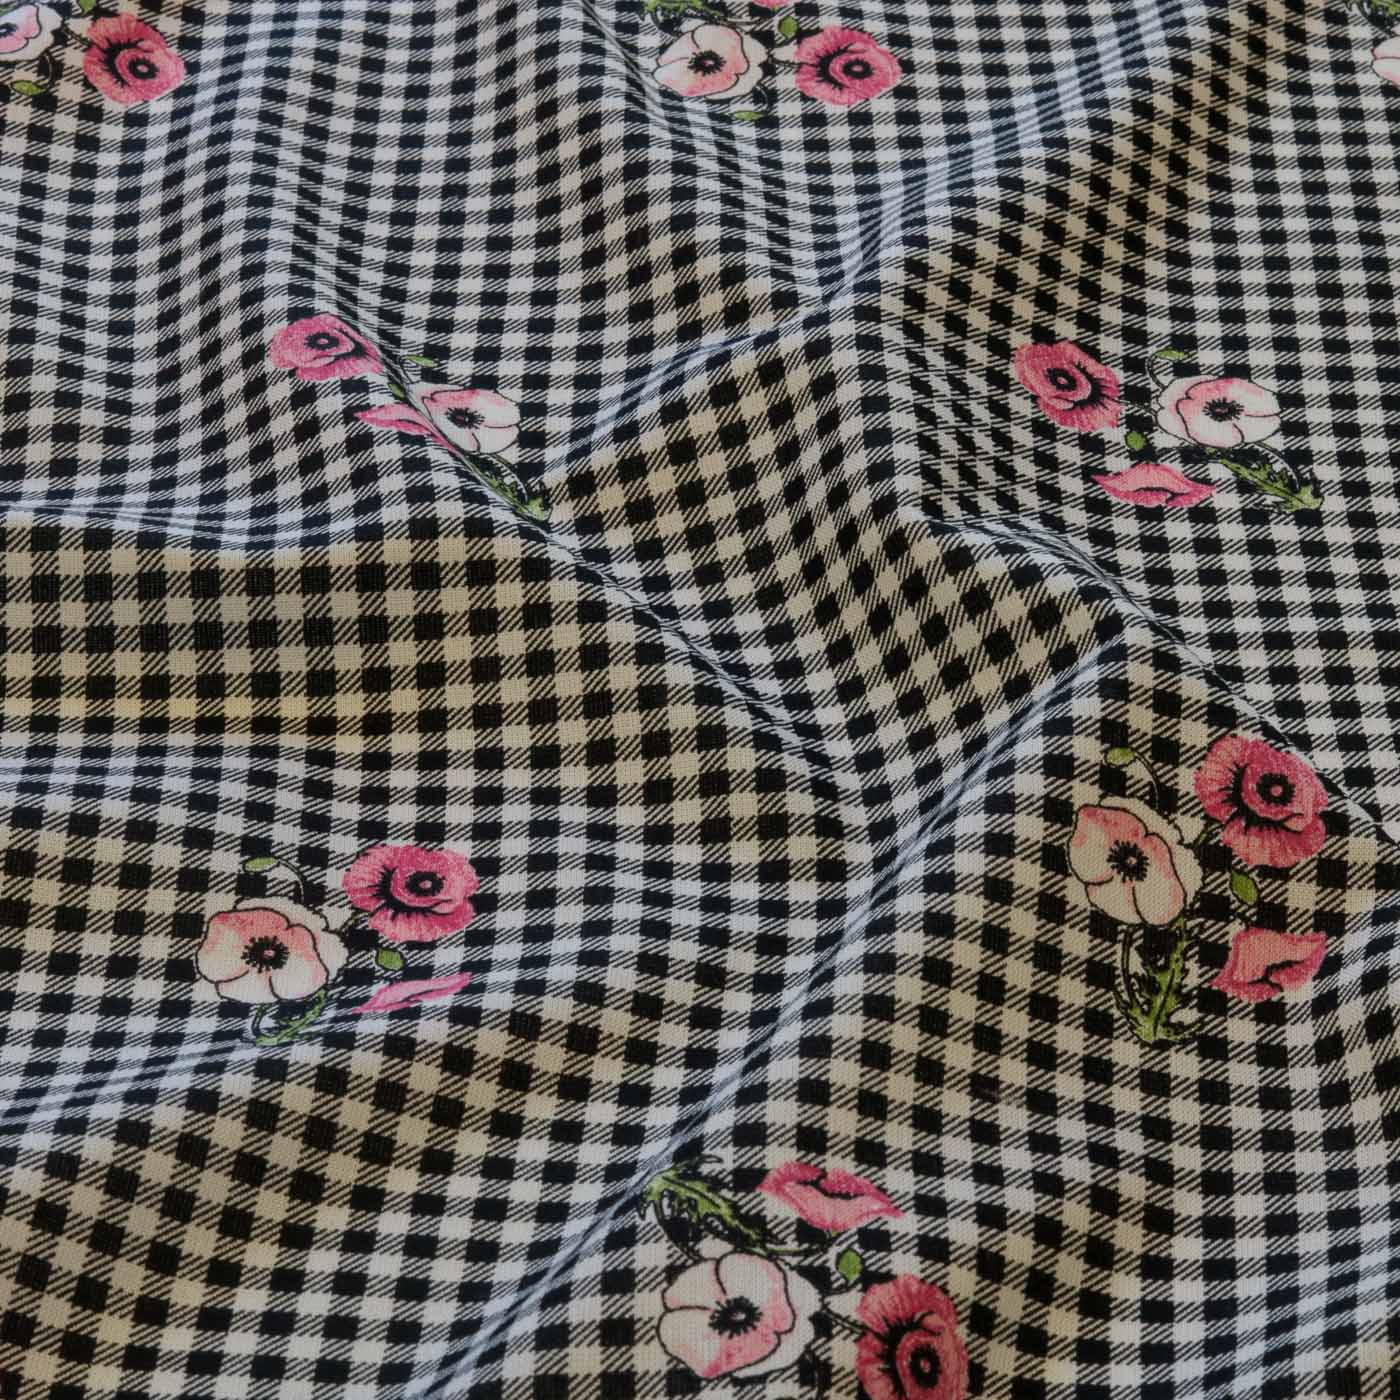 Tecido Viscose Estampado Xadrez Floral 100% Viscose Preto